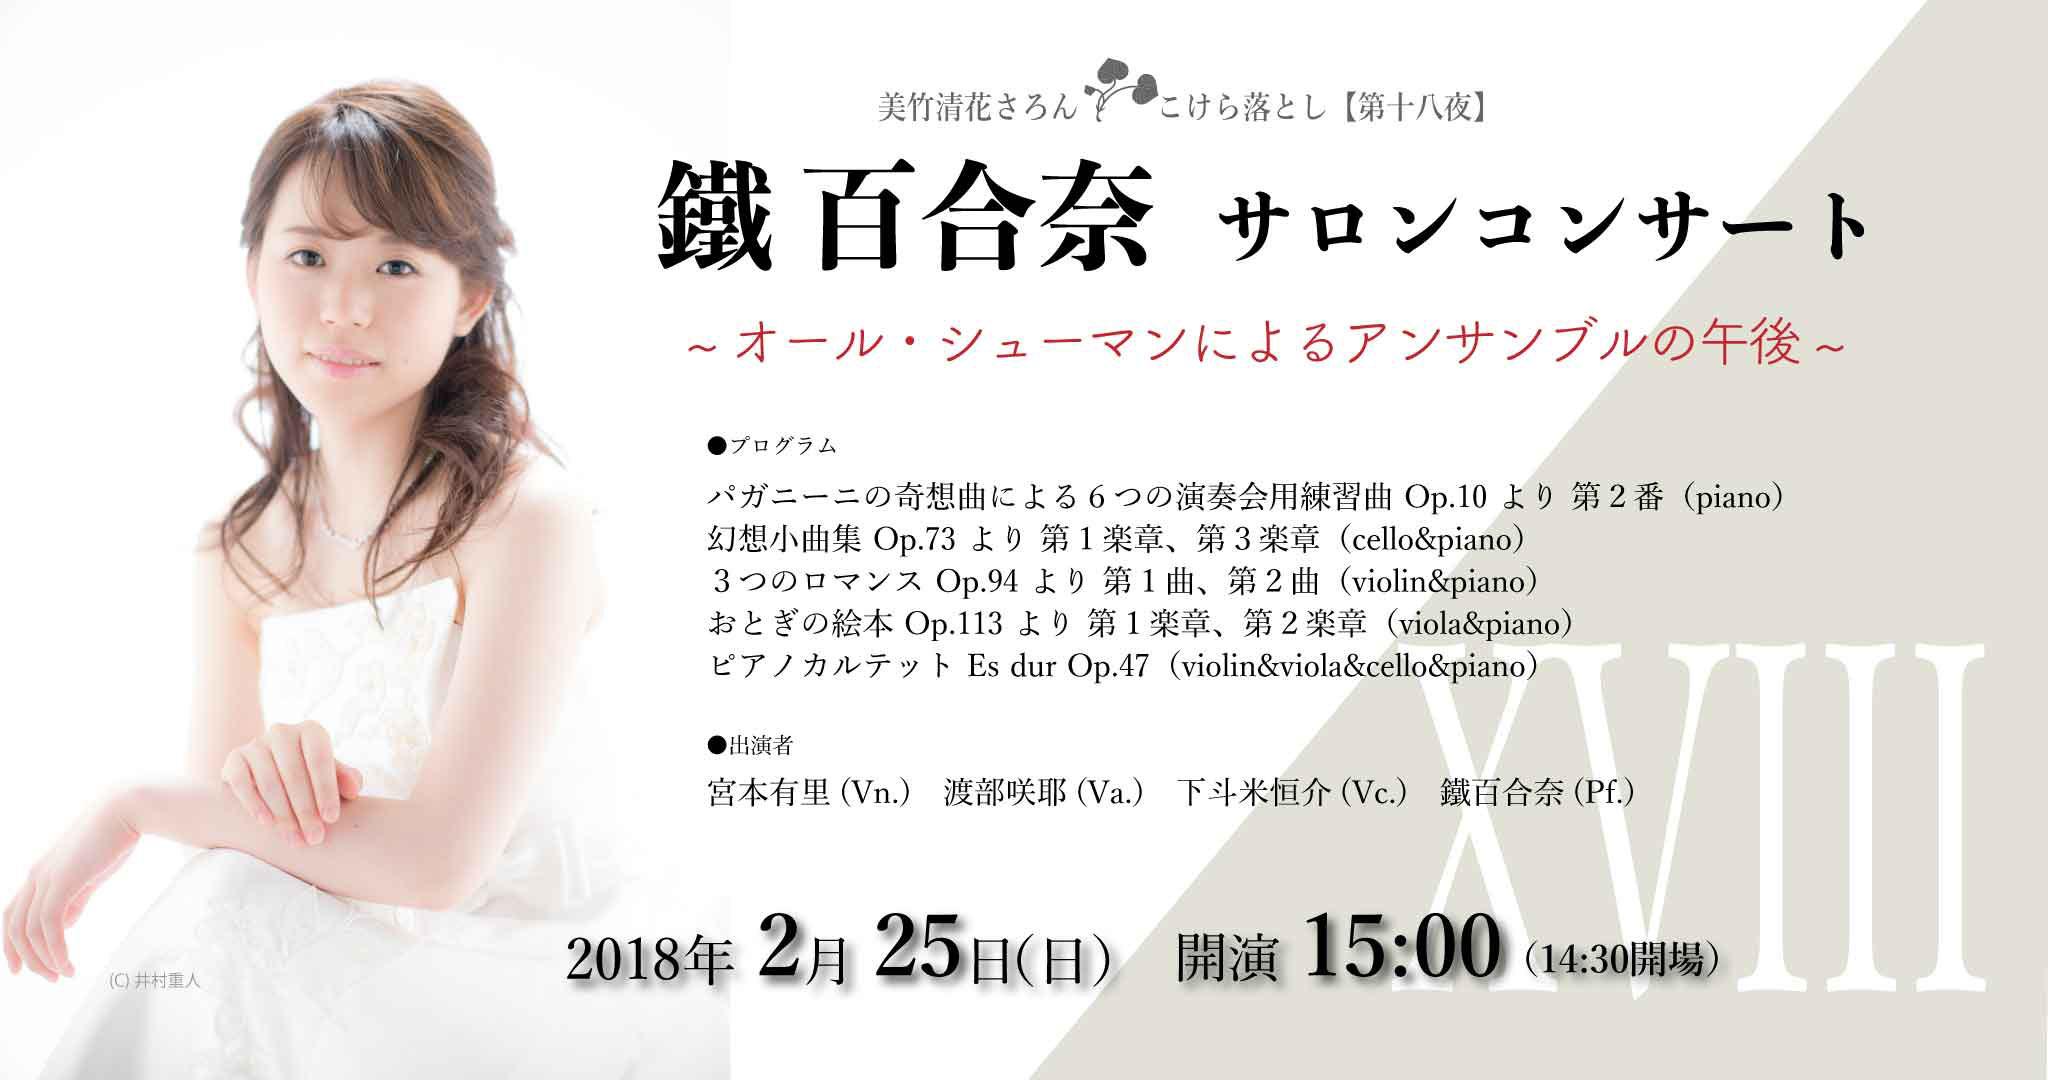 2月25日 15:00 〜 鐵百合奈サロンコンサート